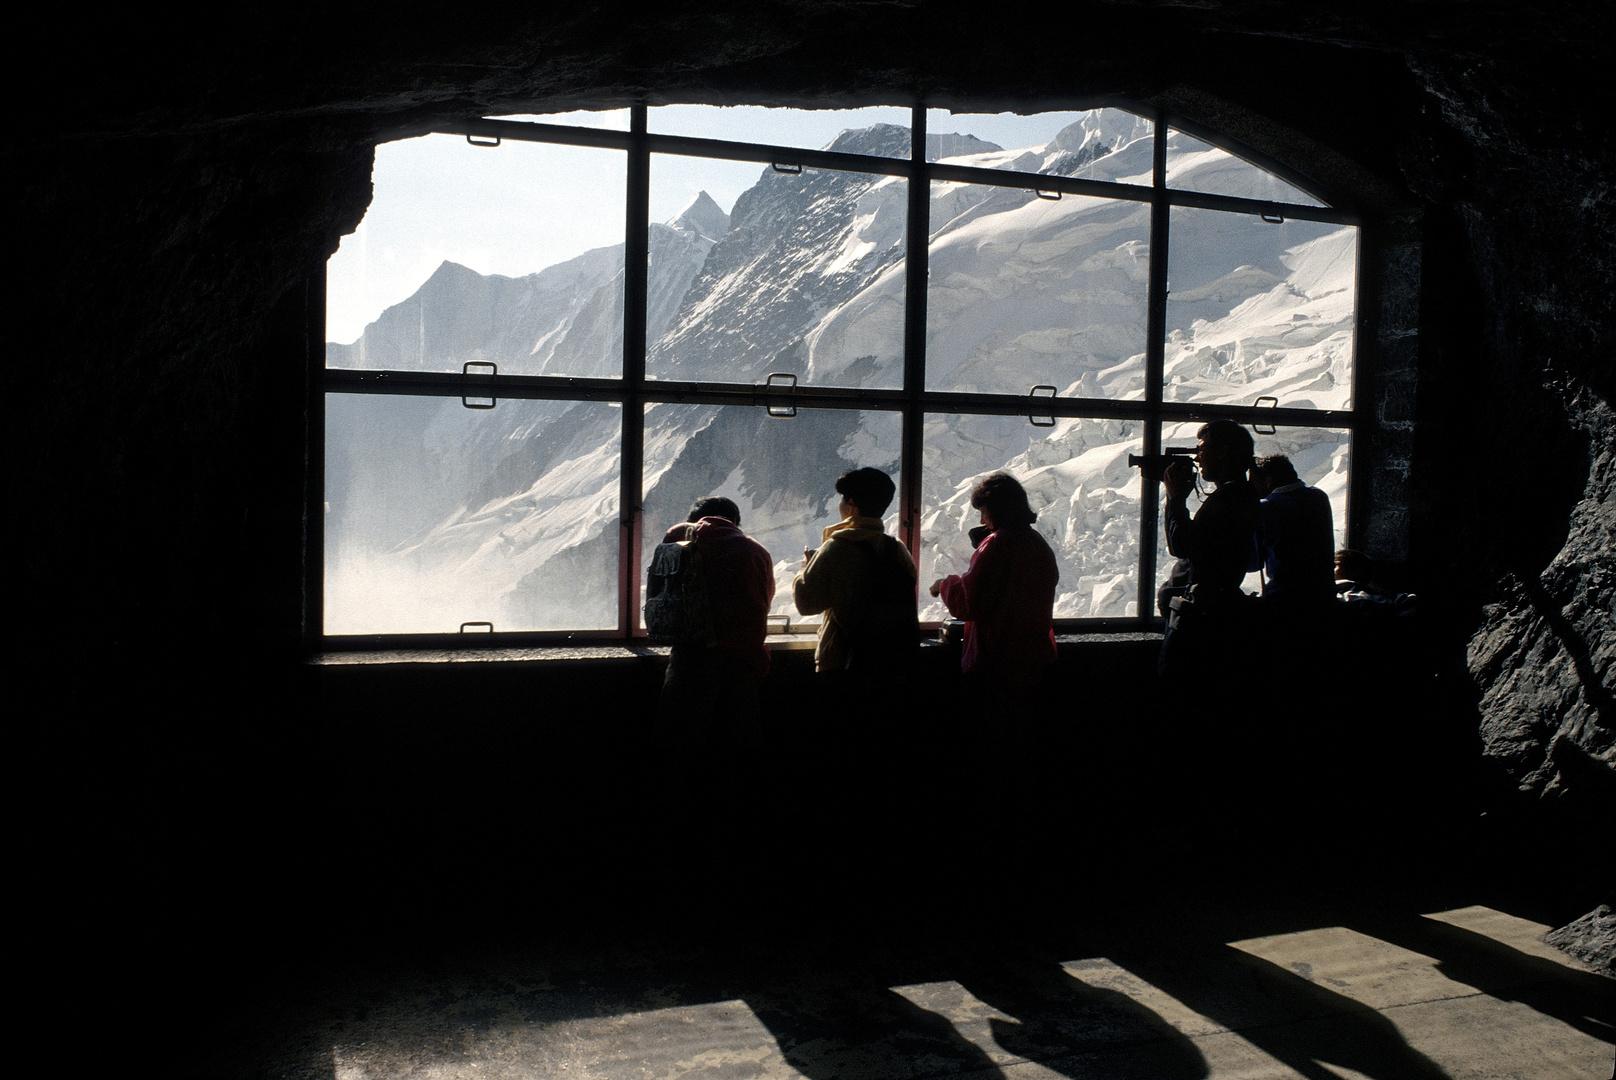 Station Eismeer der Jungfraujoch-Bahn